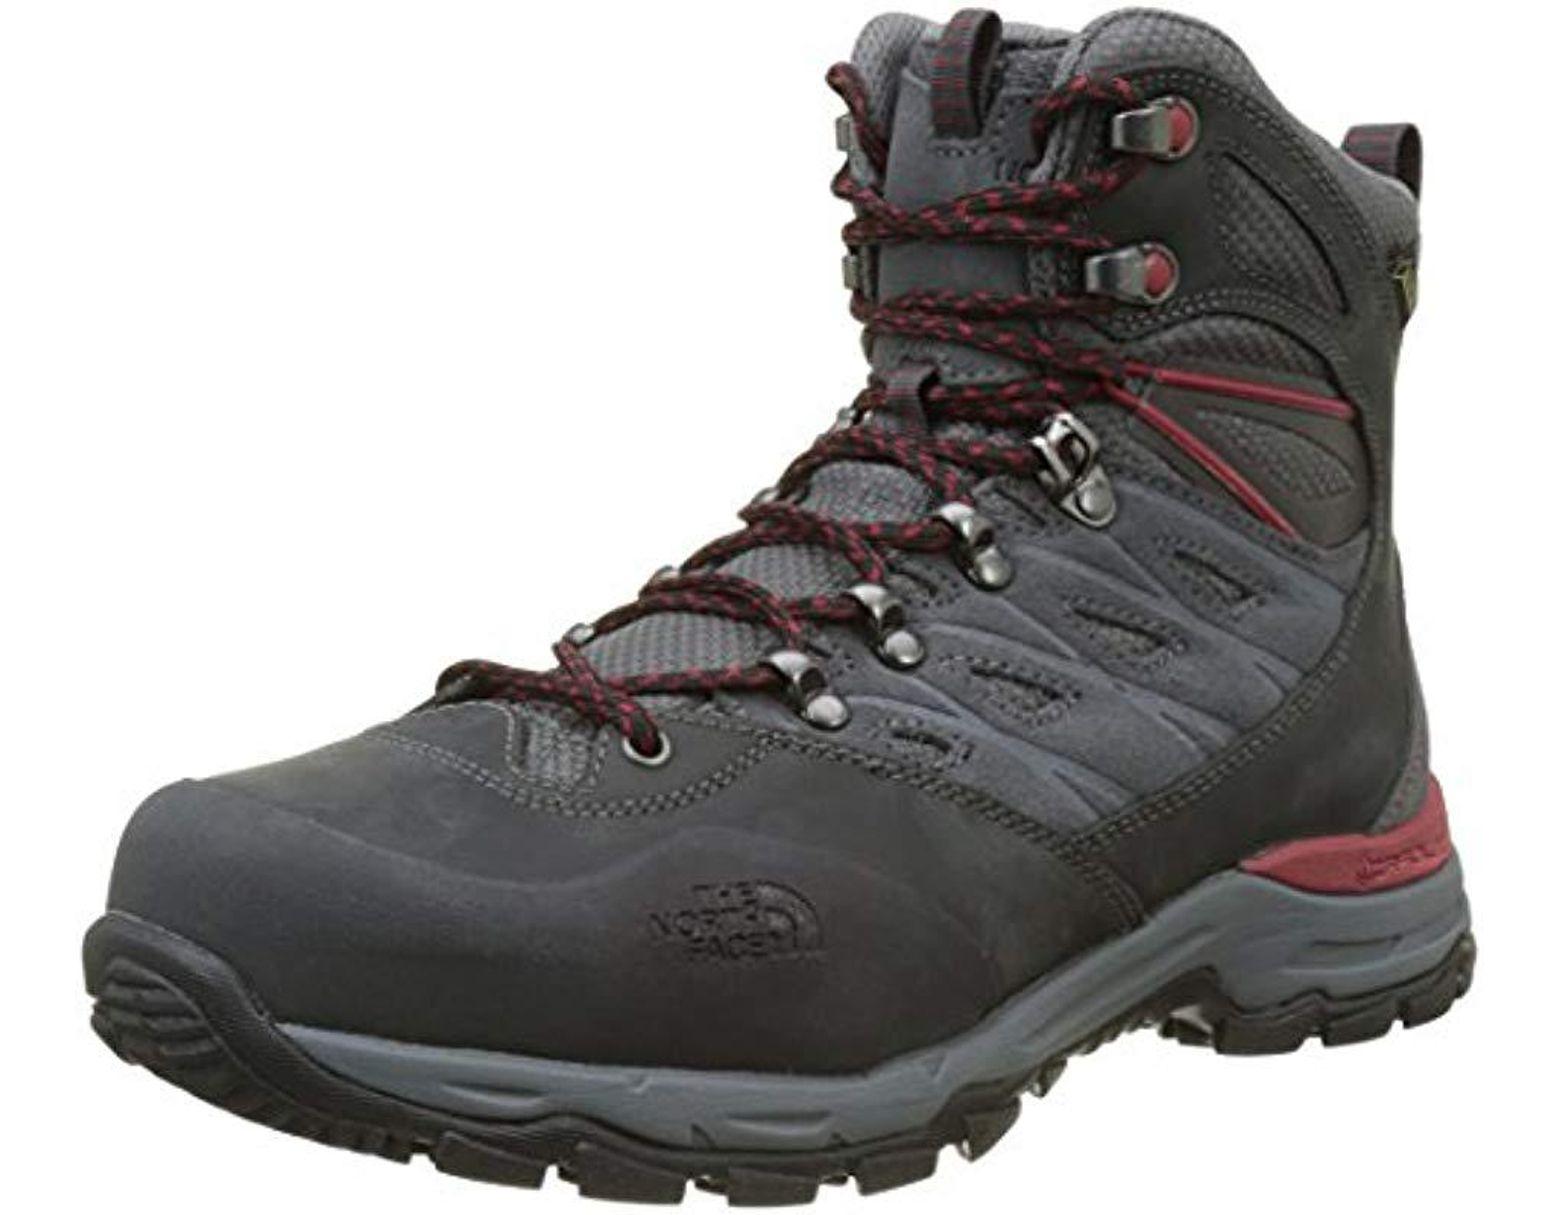 e16e3a8e7 Men's Gray Hedgehog Trek Gore-tex High Rise Hiking Boots,